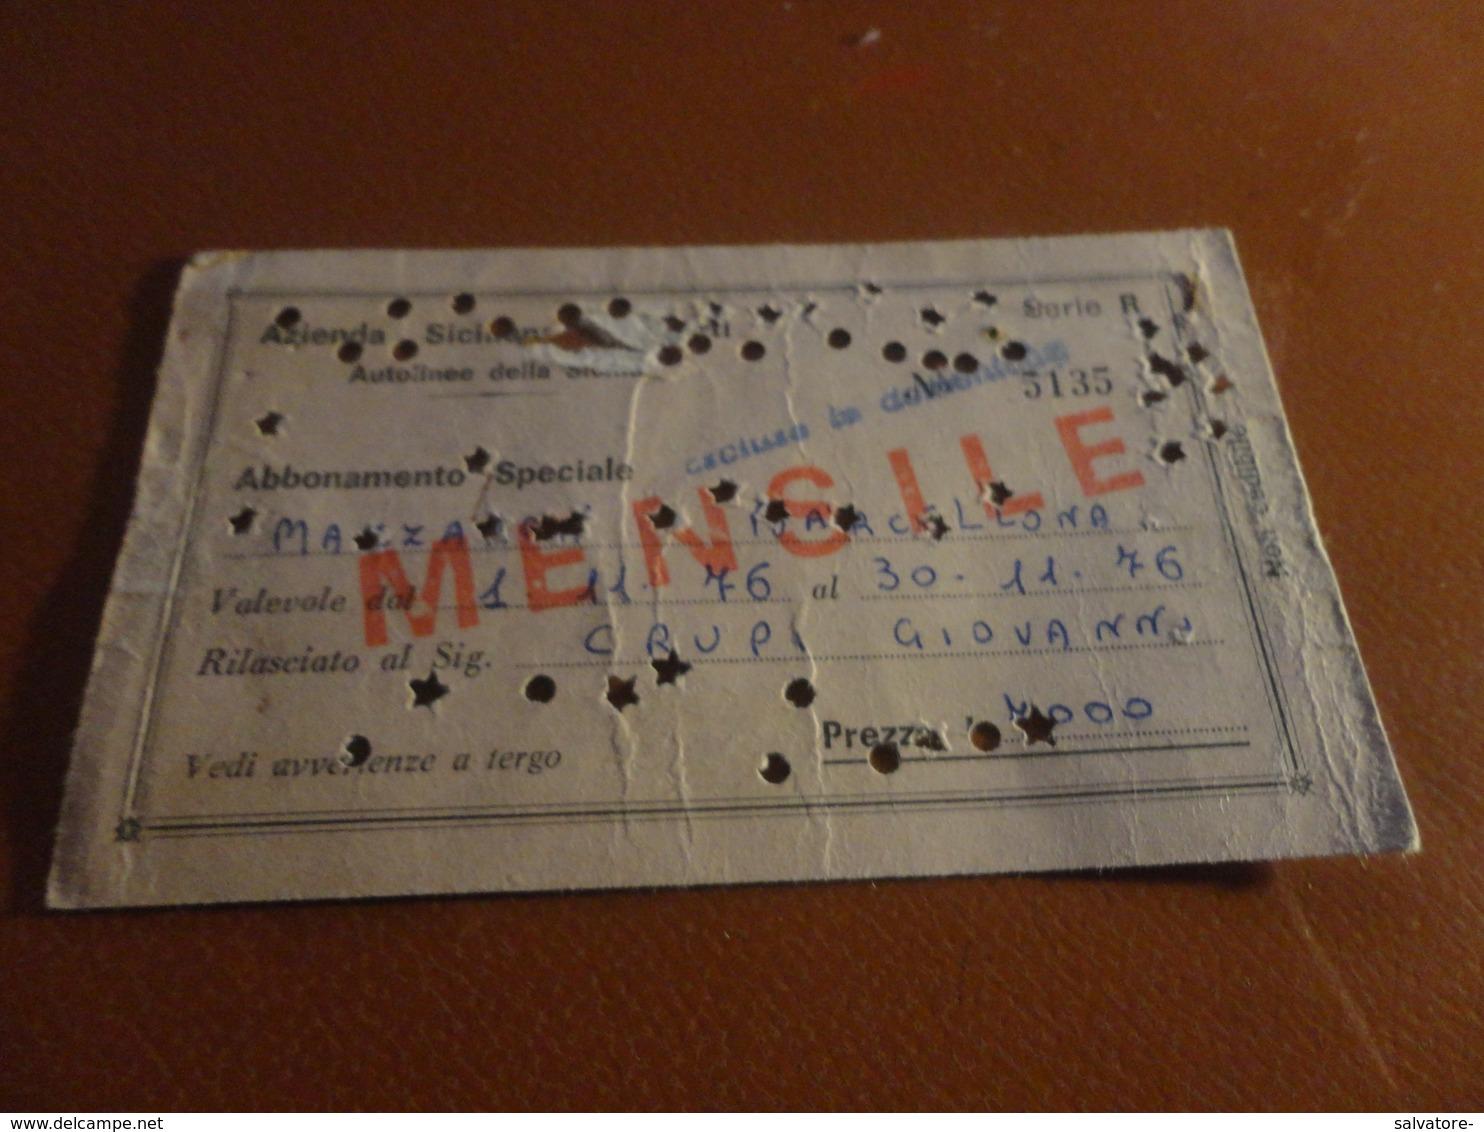 BIGLIETTO ABBONAMENTO SPECIALE MAZZARINI-BARCELLONA - 1976 - Europa